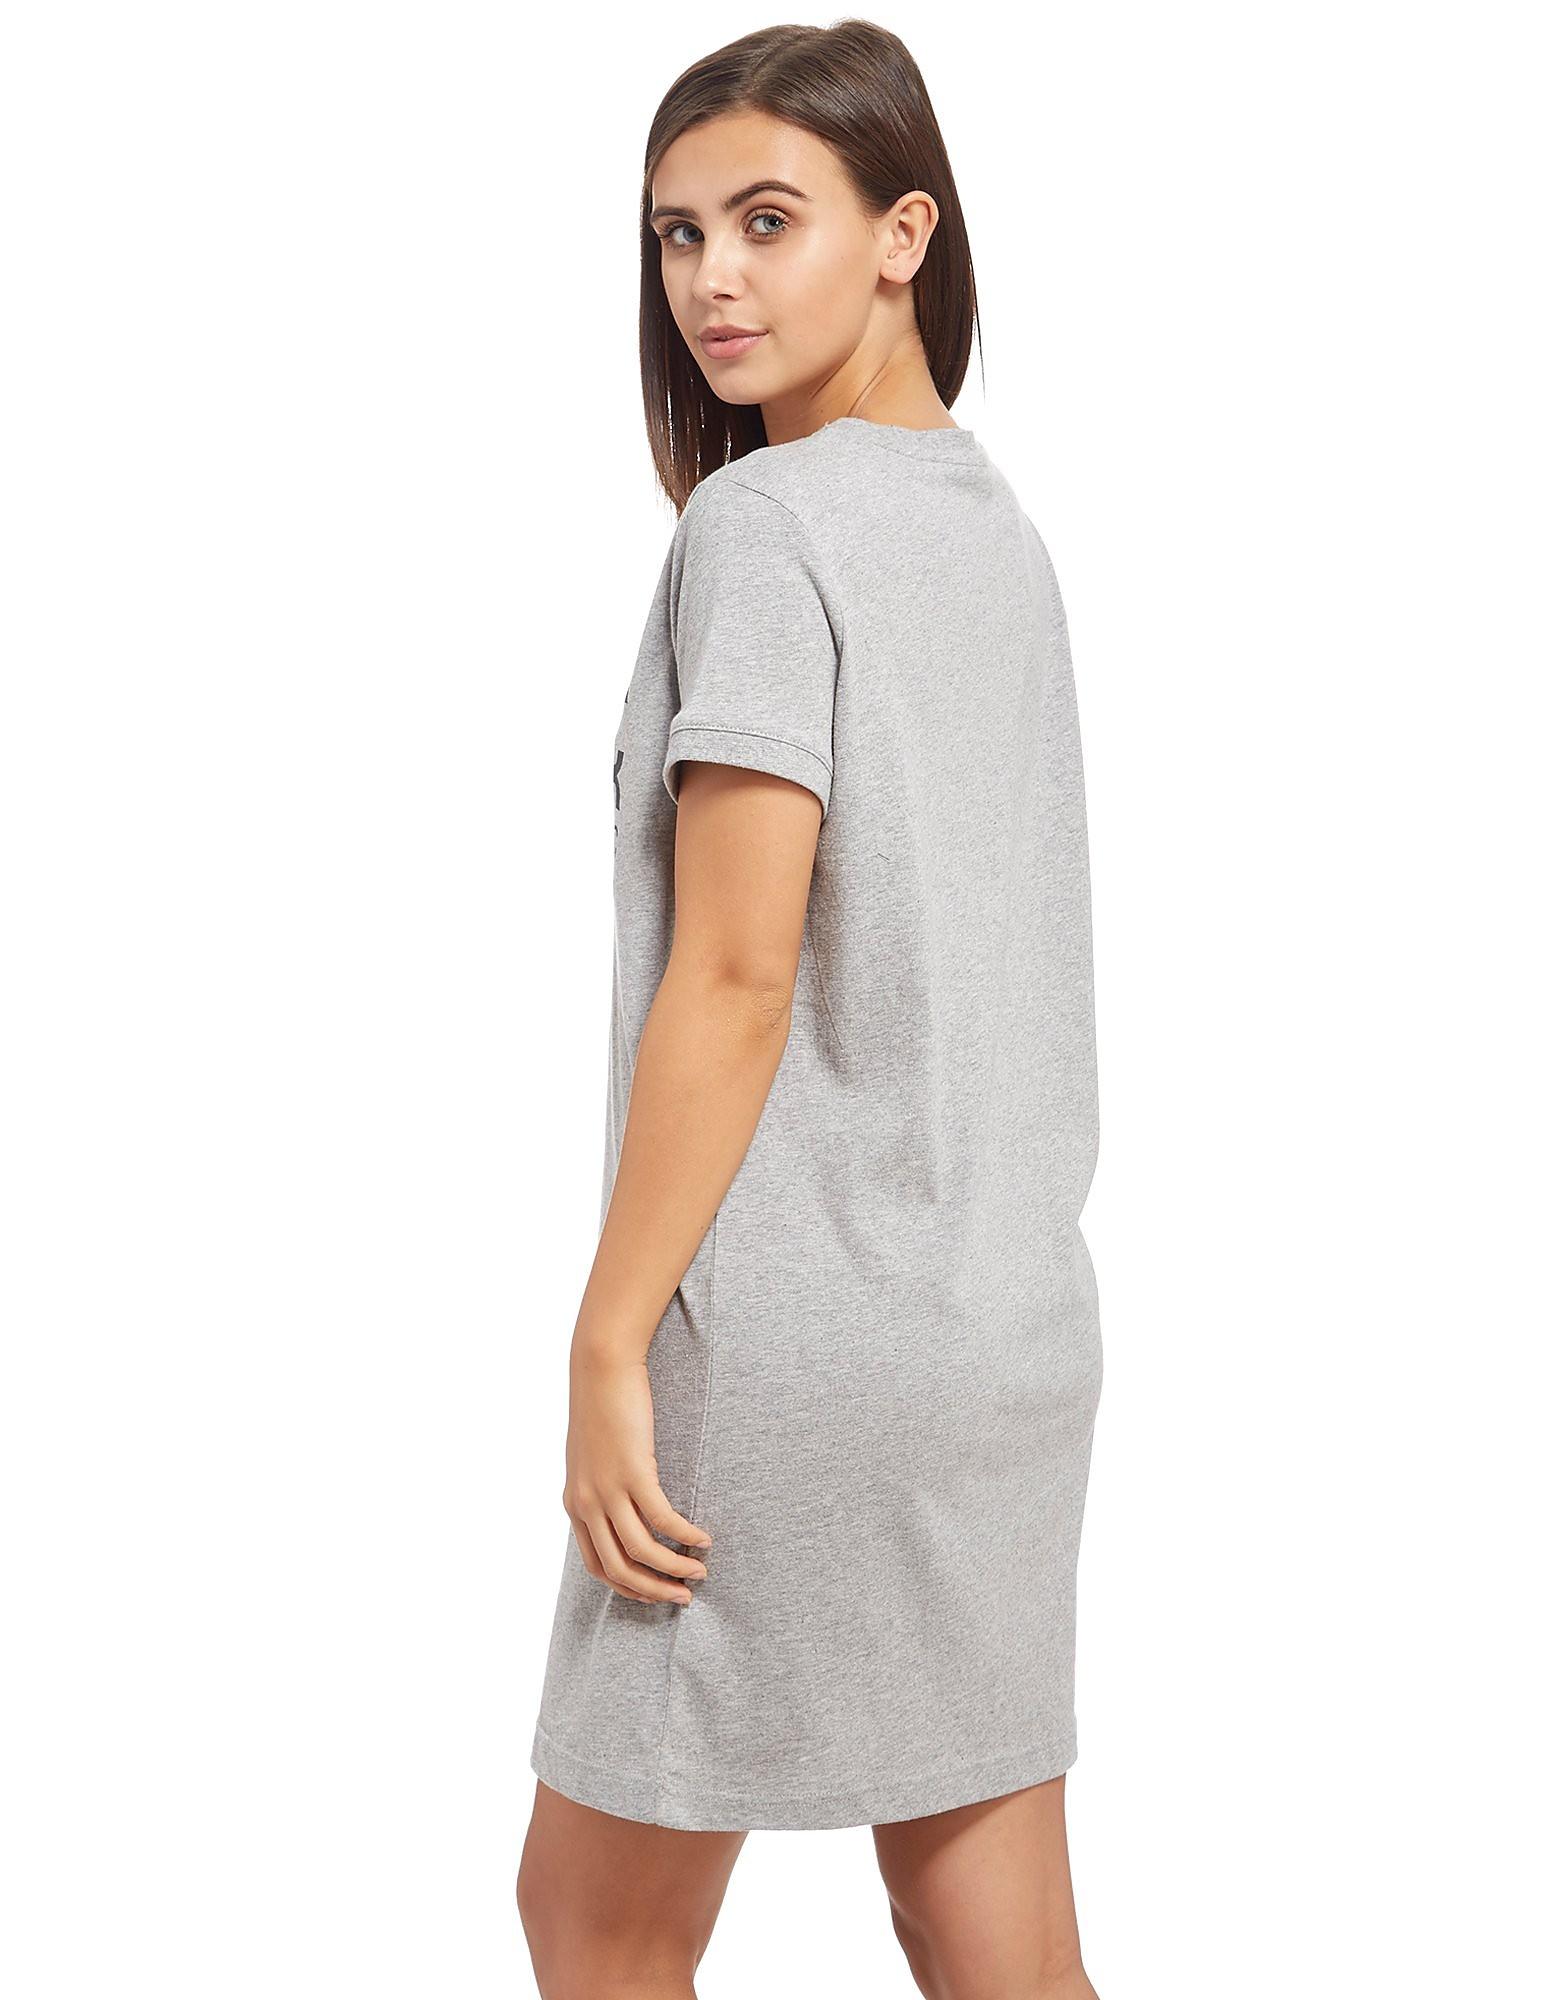 Reebok Classics T-Shirt Dress